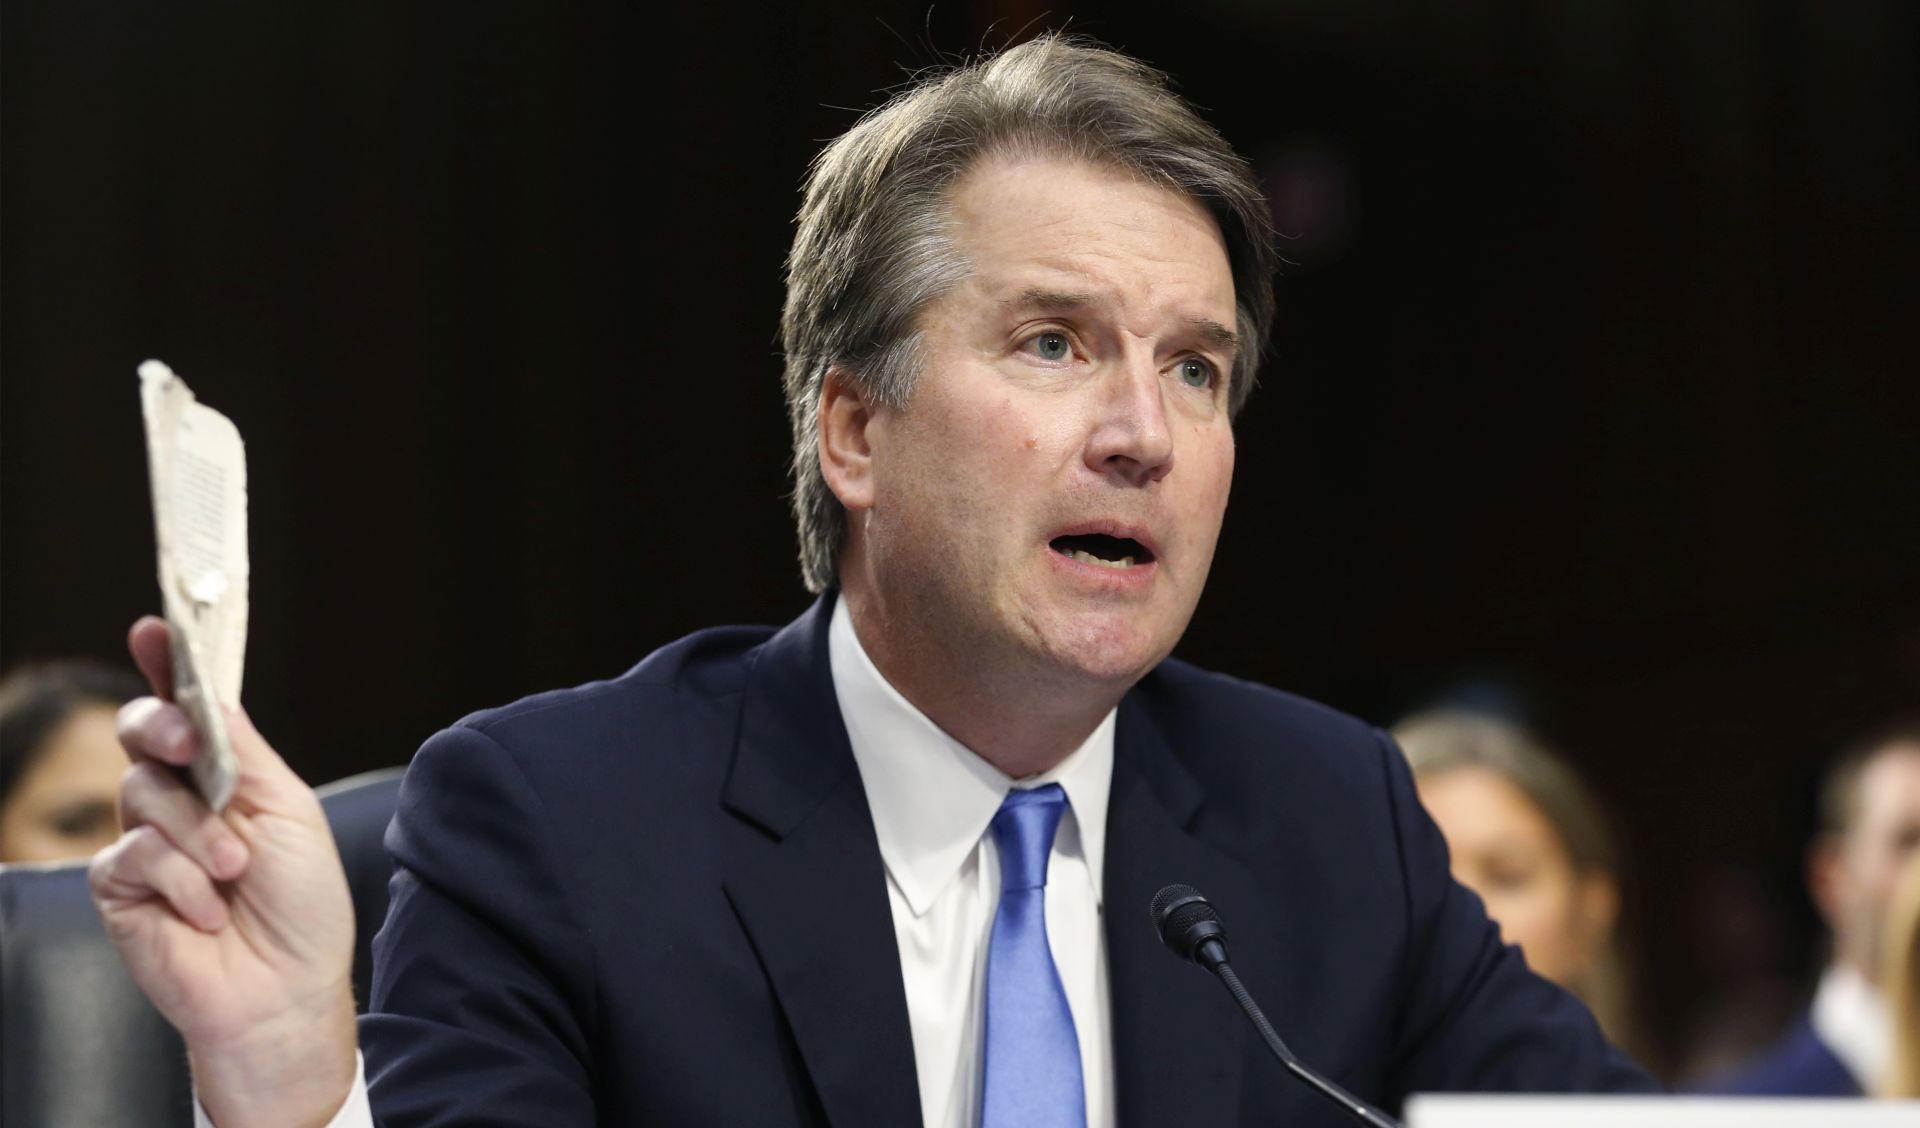 Ford svjedočila o strahu da će ju Kavanaugh silovati i slučajno ubiti